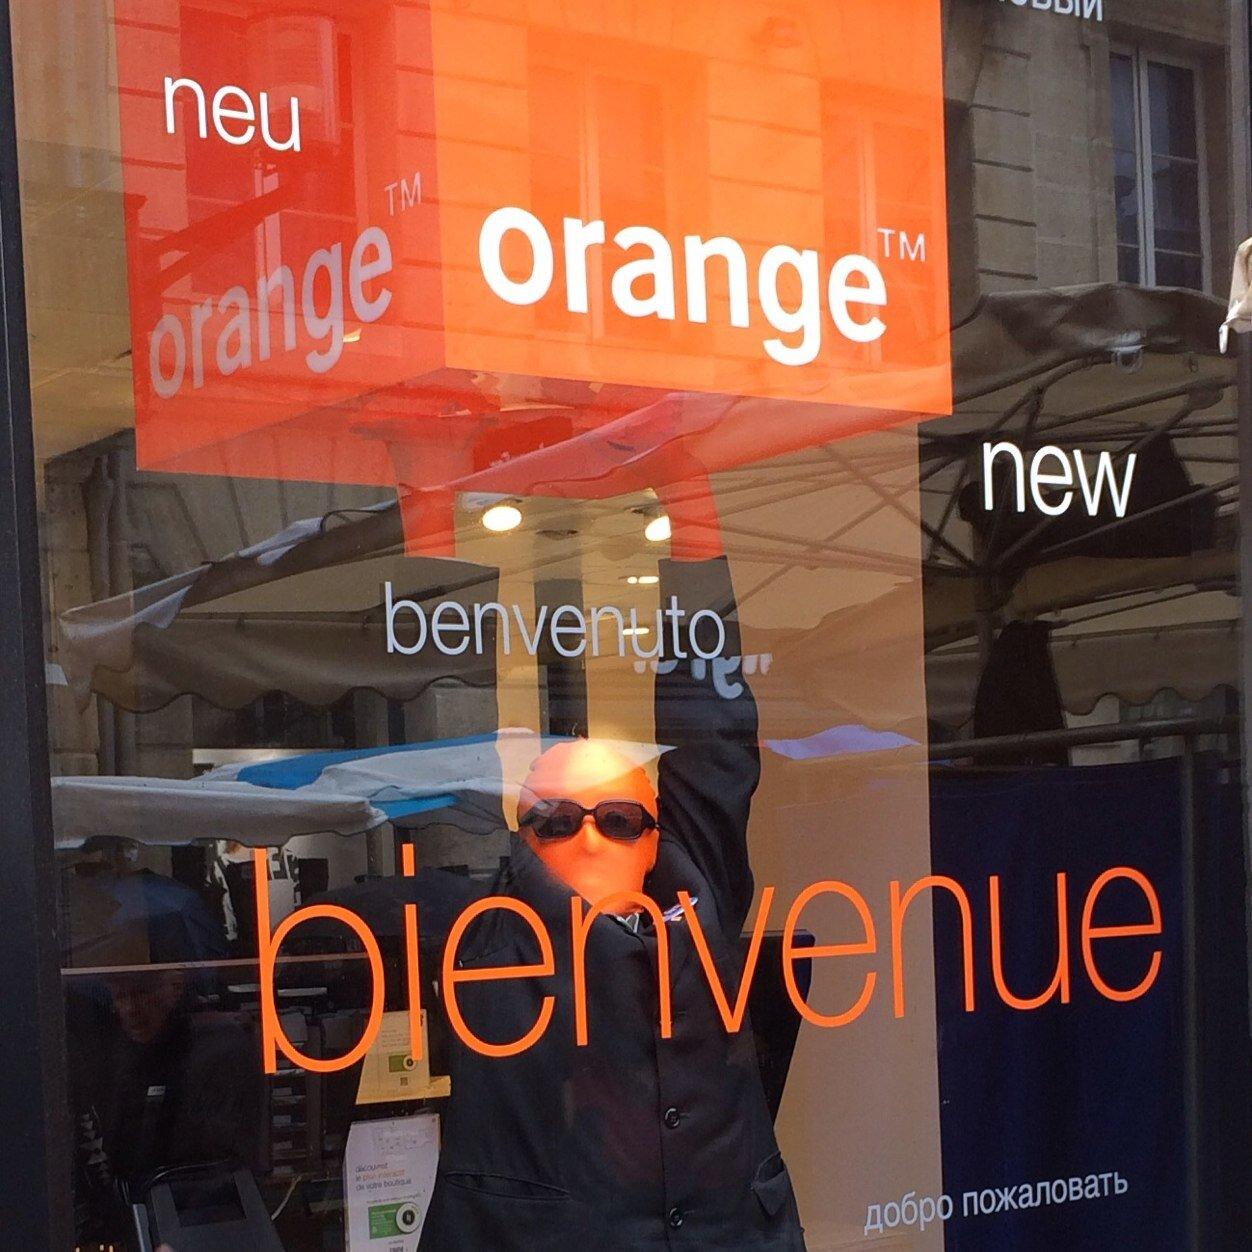 tgb orange bordeaux flagandships twitter. Black Bedroom Furniture Sets. Home Design Ideas